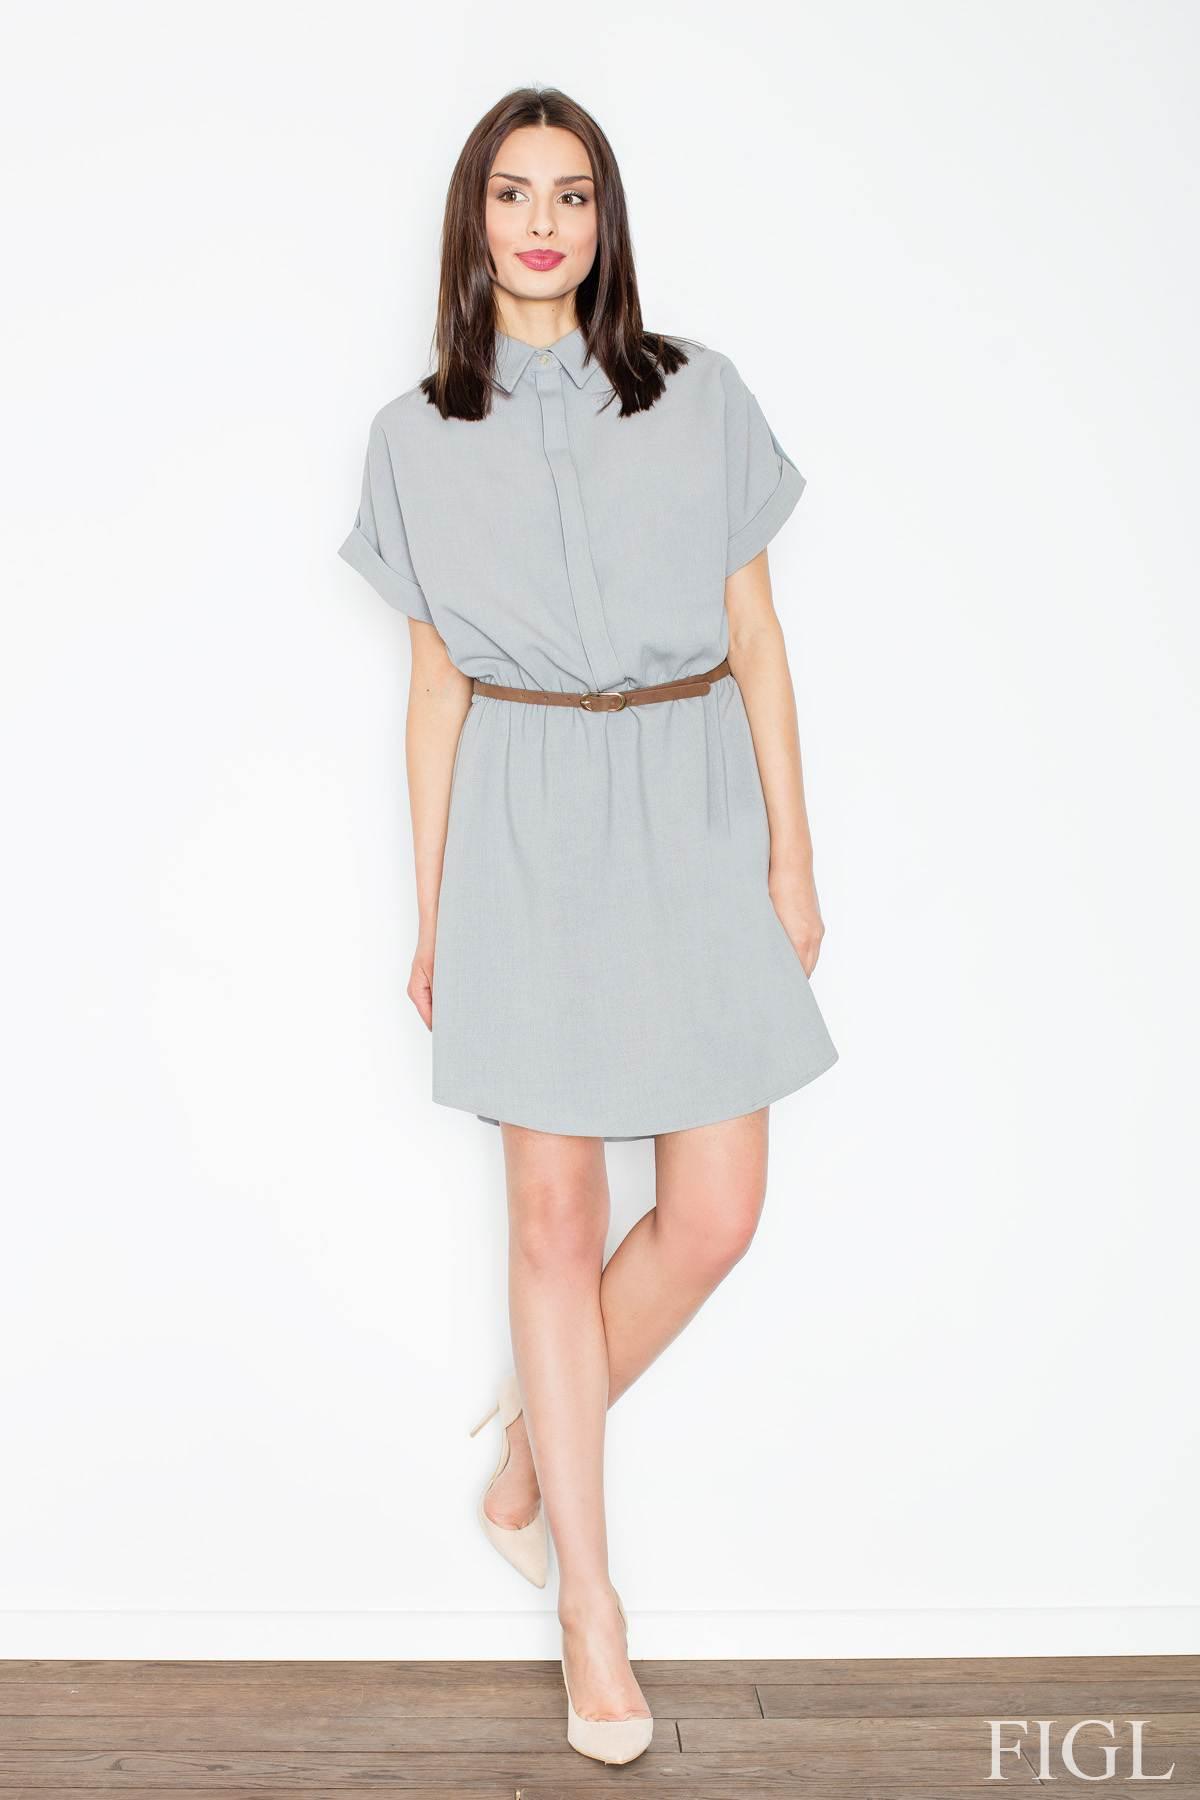 FIGL φορεμα - πουκαμισα με ζωνη